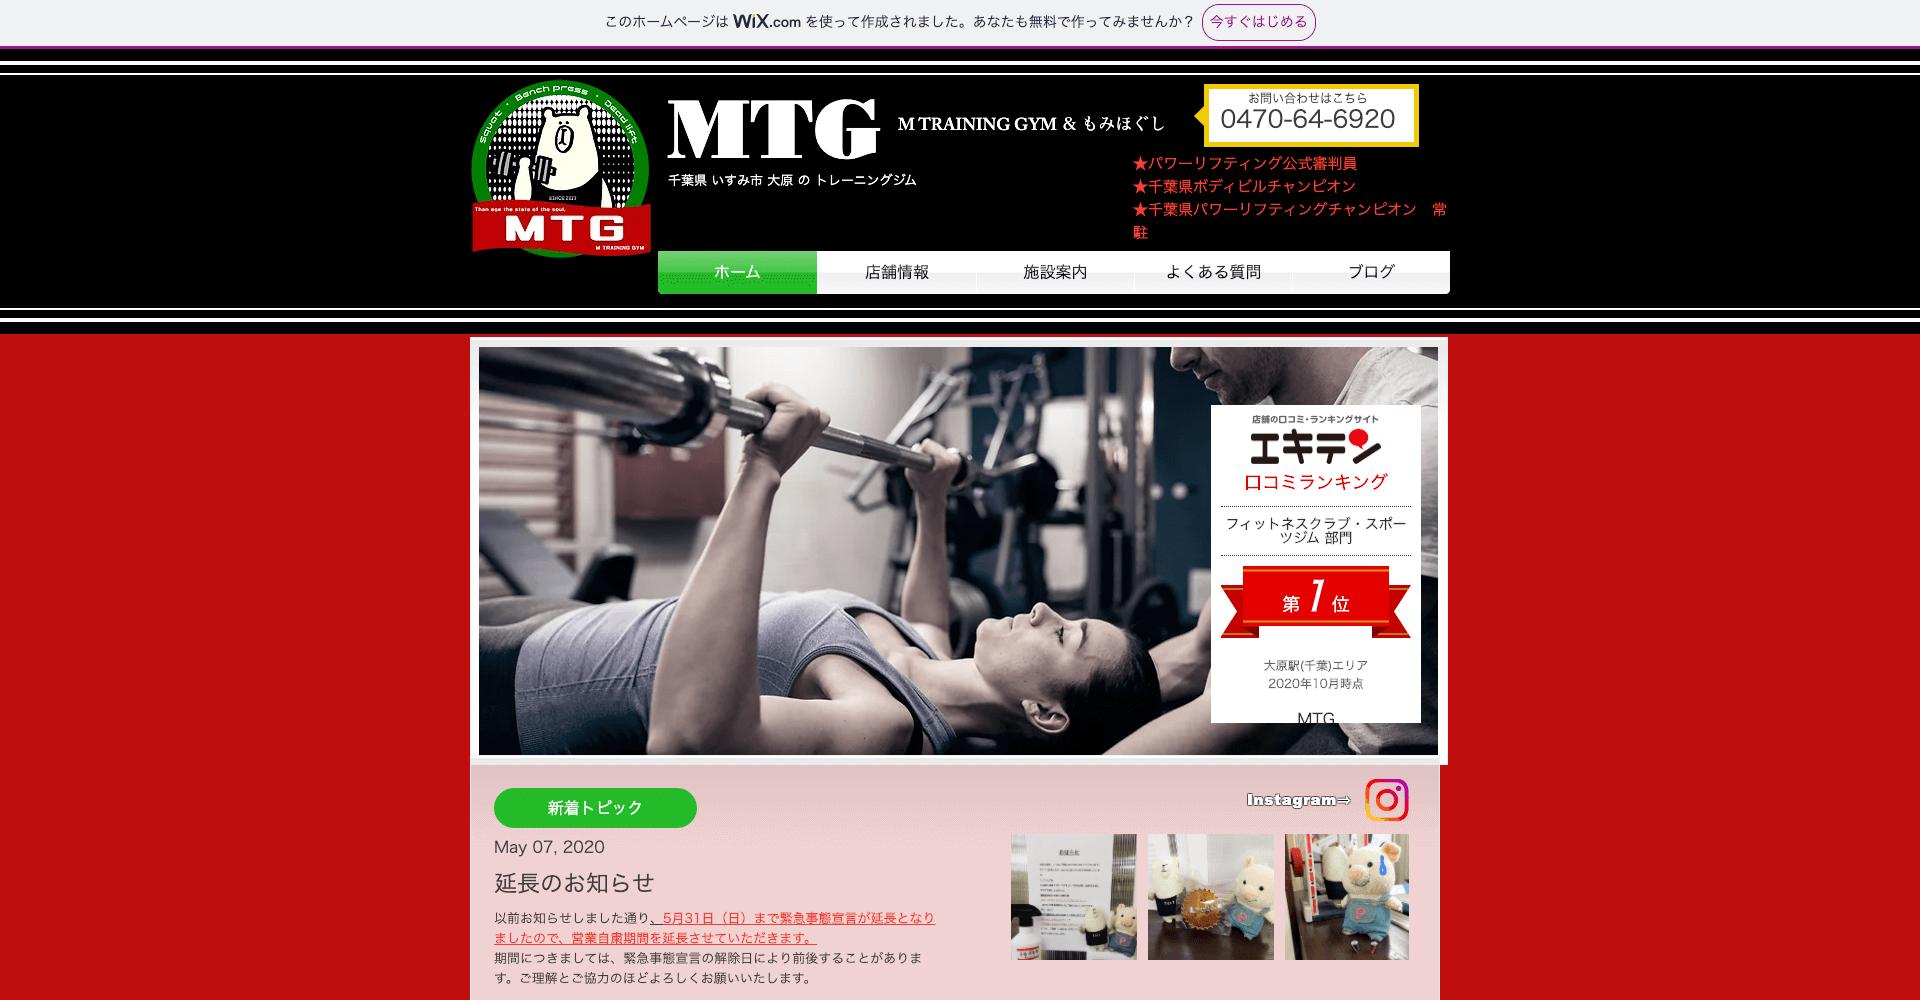 MTG いすみ市のパーソナルトレーニングジム